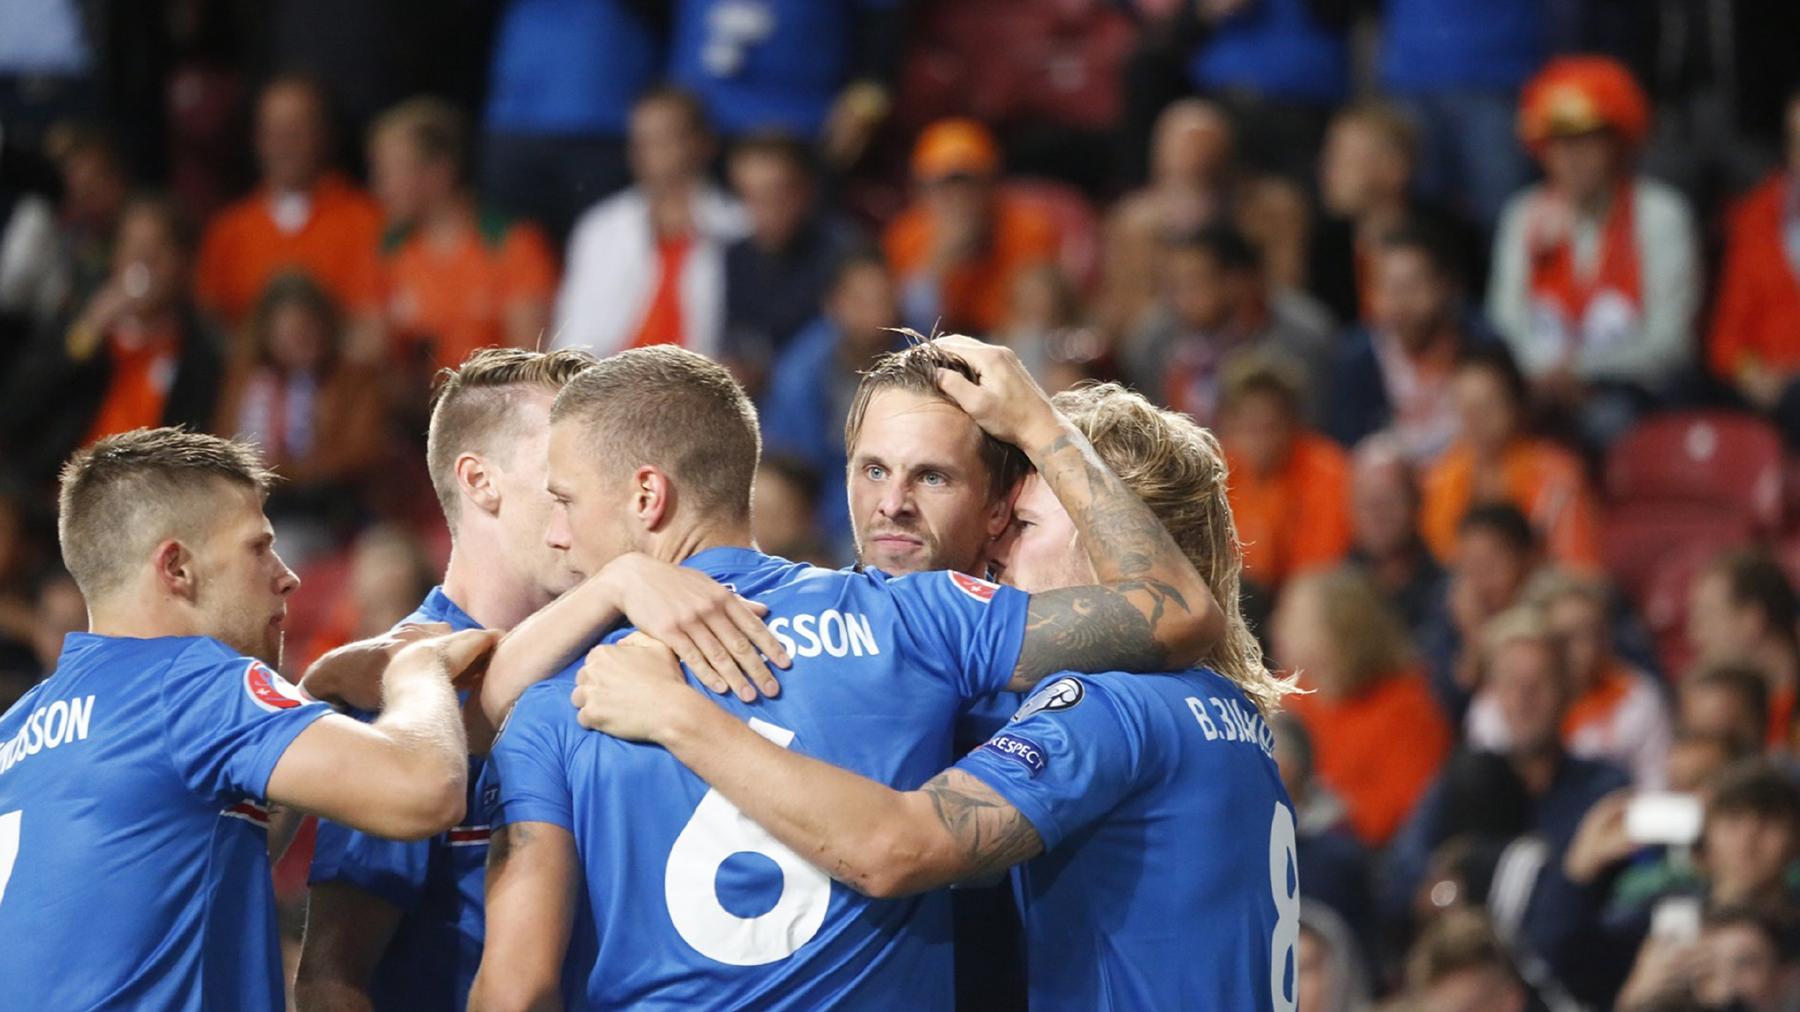 Wie ein Vulkan - Der Aufstieg des isländischen Fußballs